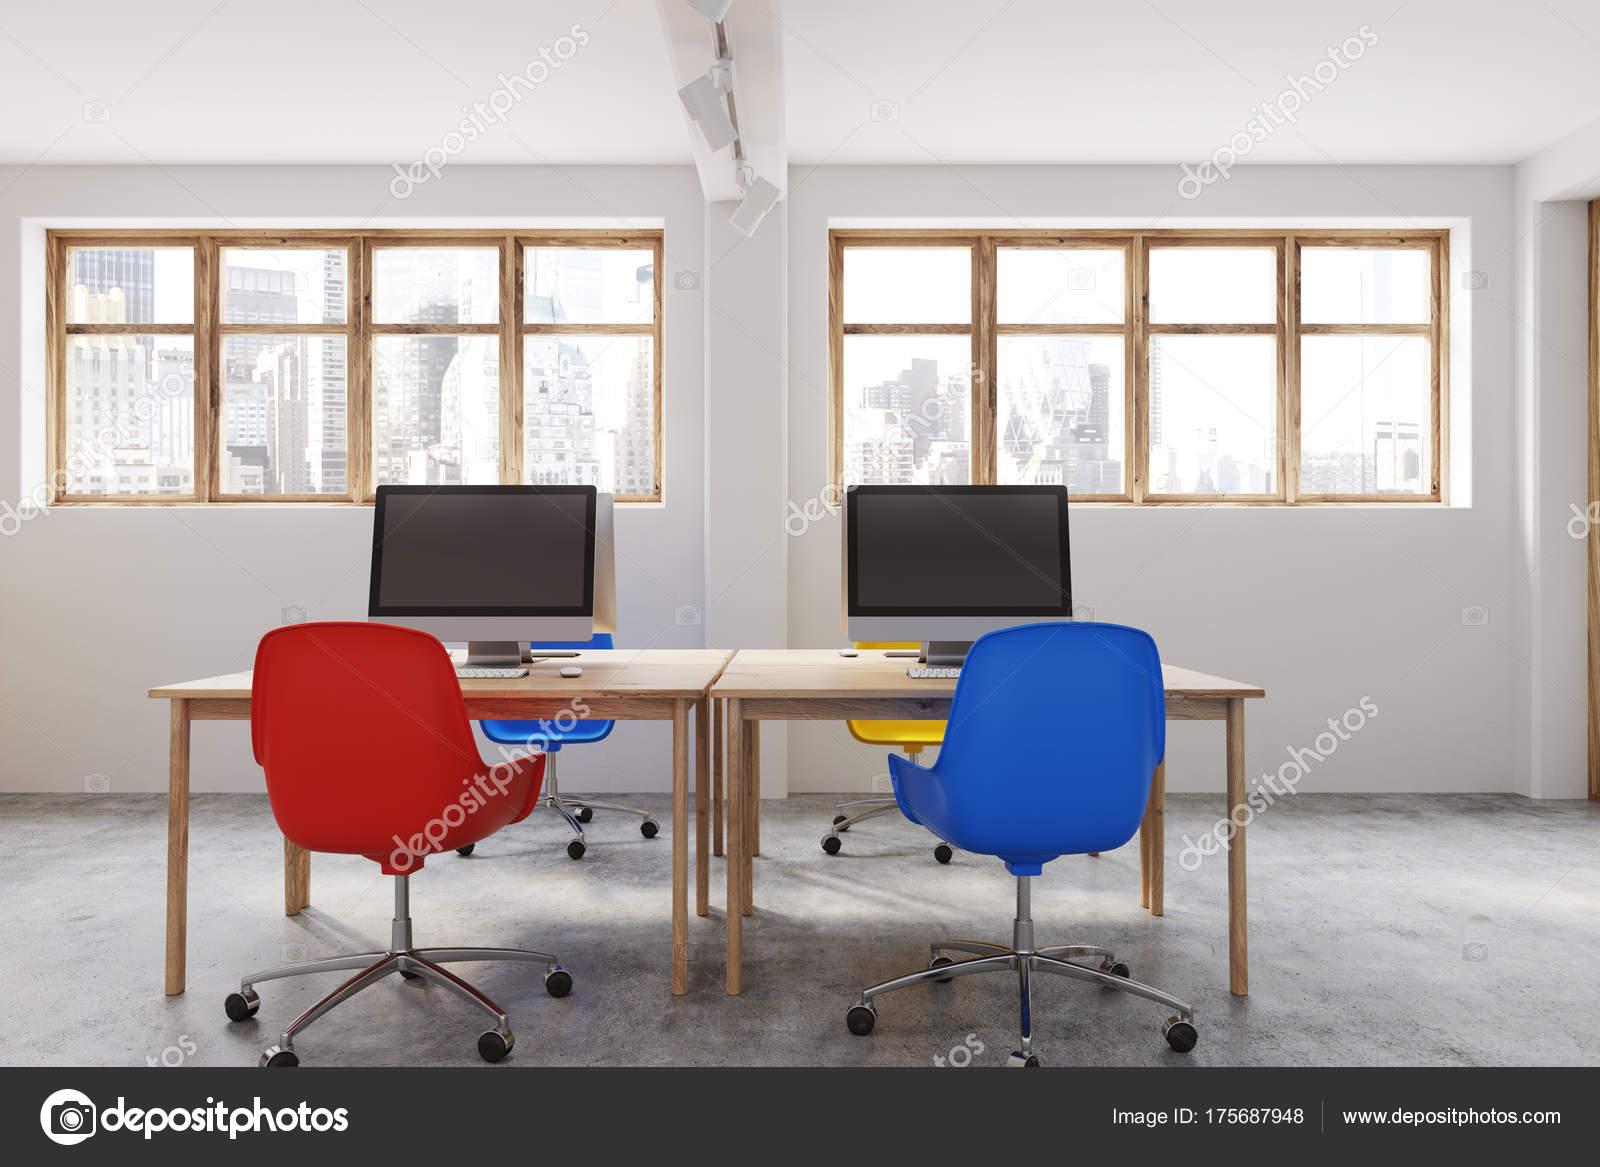 Sedie Ufficio Blu : Interiore dell ufficio sedie blu e rosso u foto stock